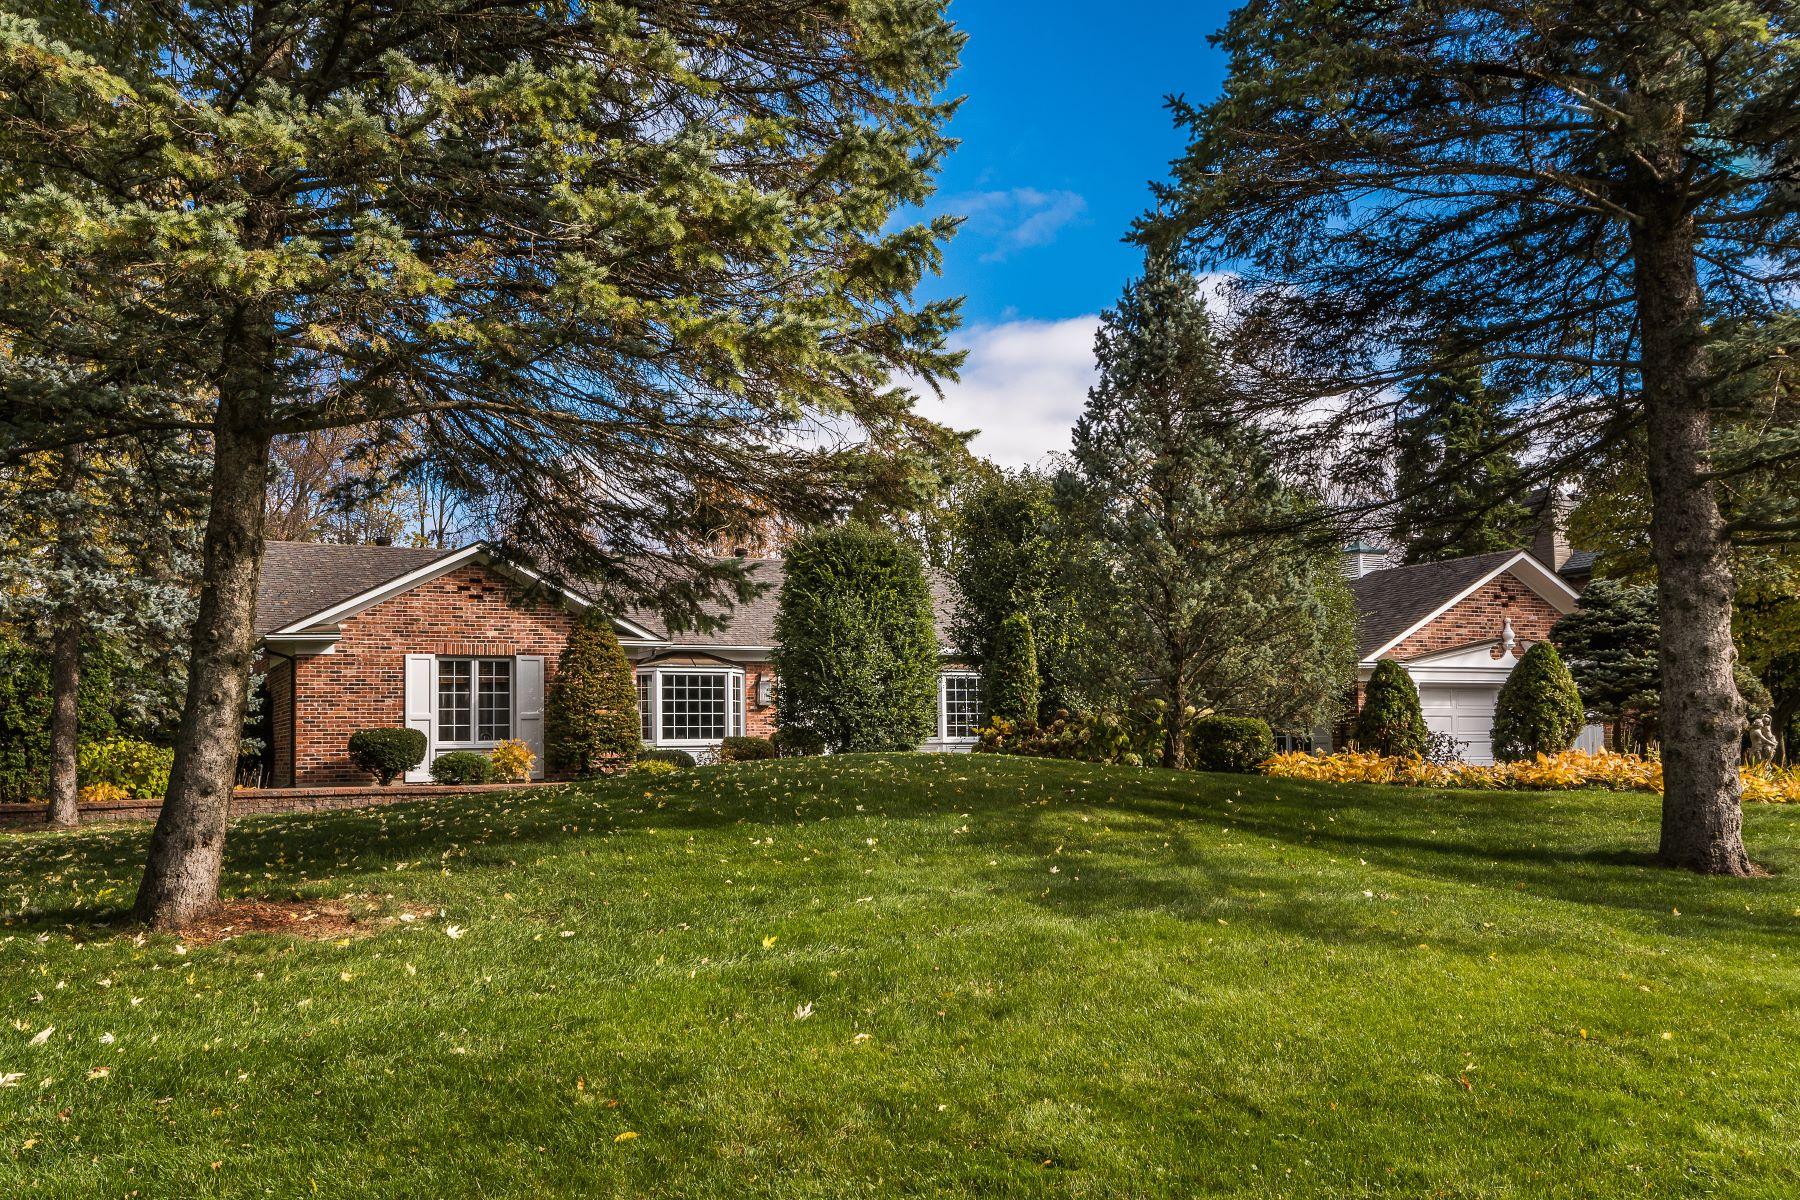 Casa para uma família para Venda às Laval-sur-le-Lac, Laval 95 Rue les Chênes, Laval Sur Le Lac, Quebec, H7R1H1 Canadá